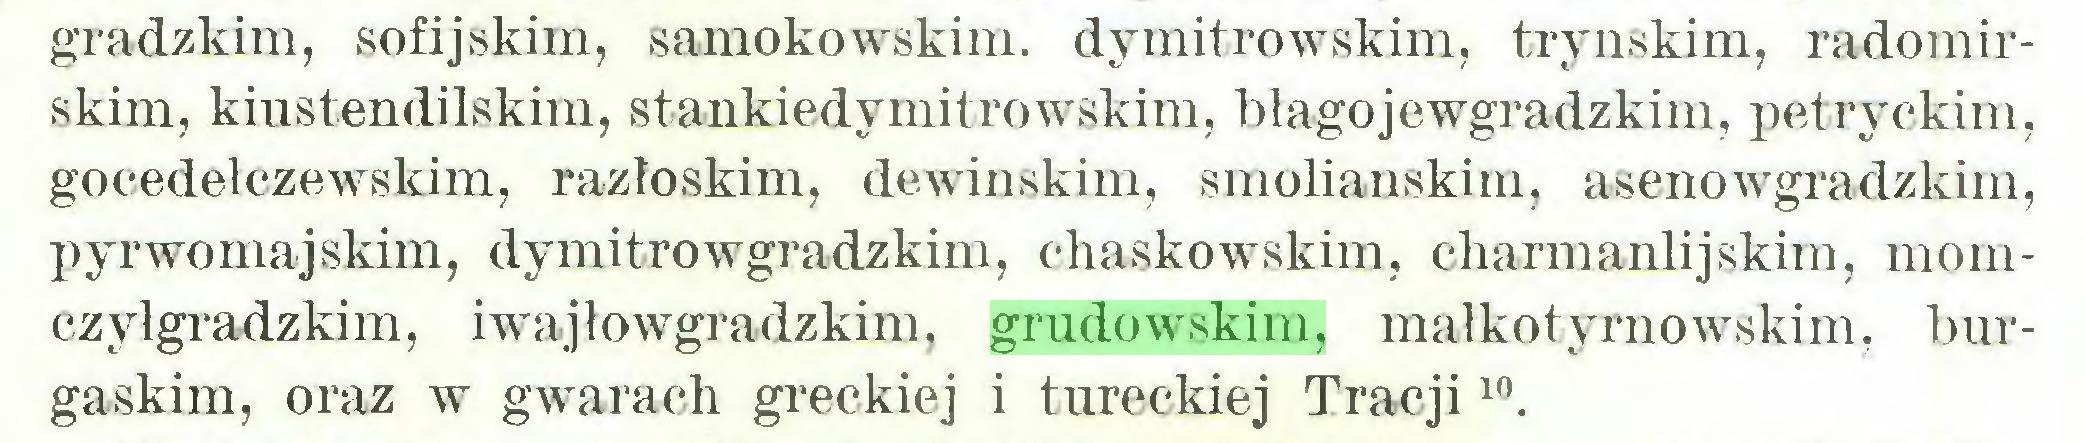 (...) gradzkim, sofijskim, samokowskim. dymitrowskim, trynskim, radomirskim, kiustendilskim, stankiedymitrowskim, blago jewgradzkim, petryckim, gocedełczewskim, razłoskim, dewinskim, smohanskim, aseno wgradzkim, pyrwornajskini, dy mitro wgradzkim, chaskowskim, charmanlijskini, momczyłgradzkim, iwajłowgradzkim, grudowskim, małkotyrnowskim, burgaskim, oraz w gwarach greckiej i tureckiej Tracji10...